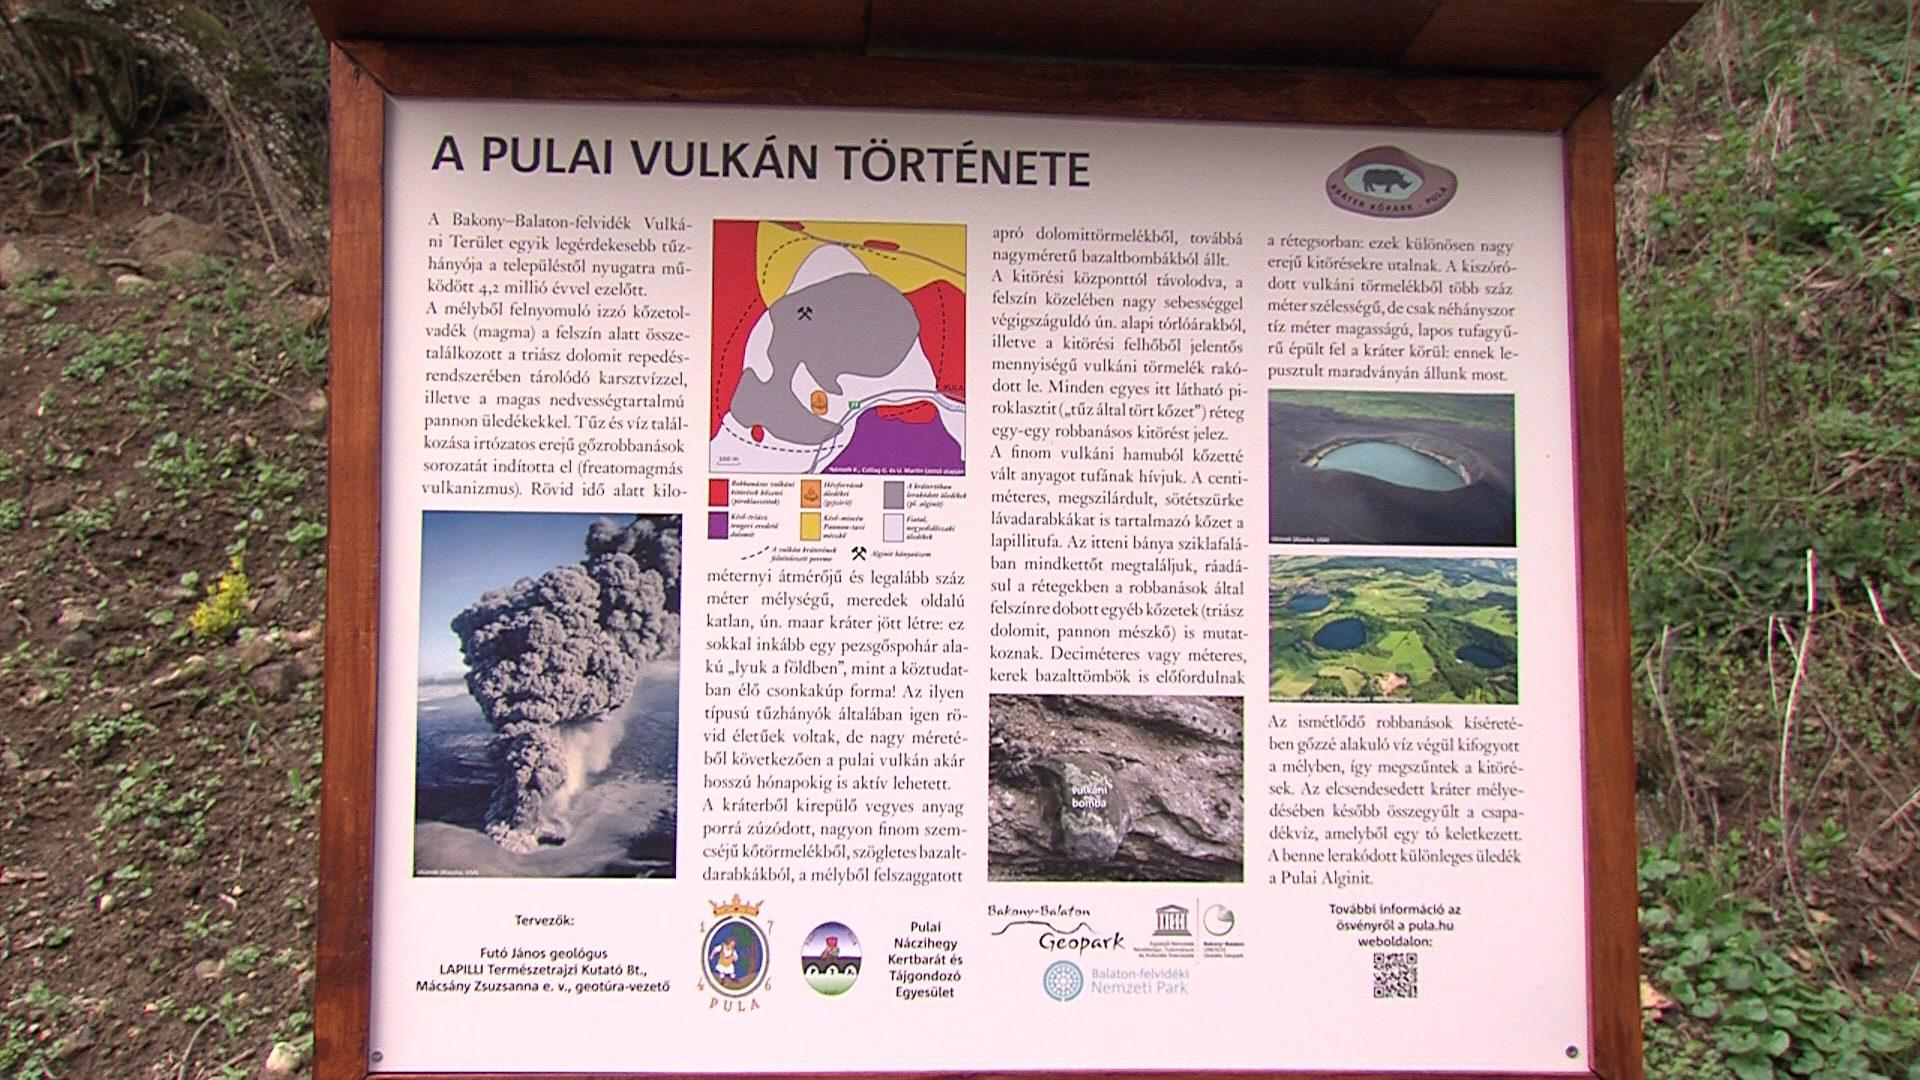 Kráter Kőpark